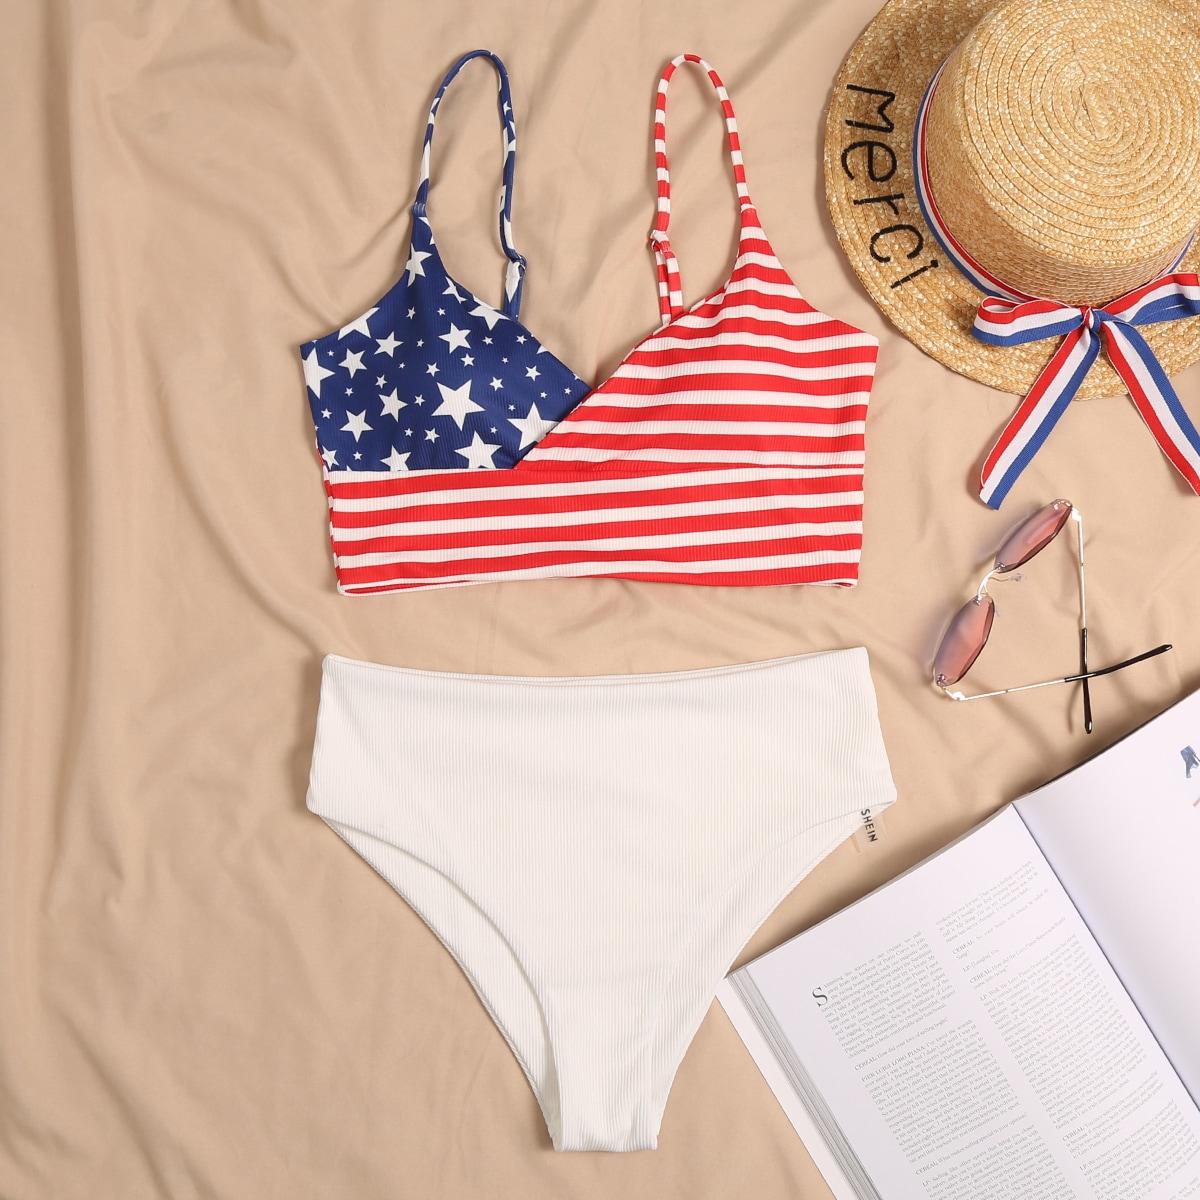 SHEIN / Gerippter Bikini Badeanzug mit ammerikanischer Flagge Muster